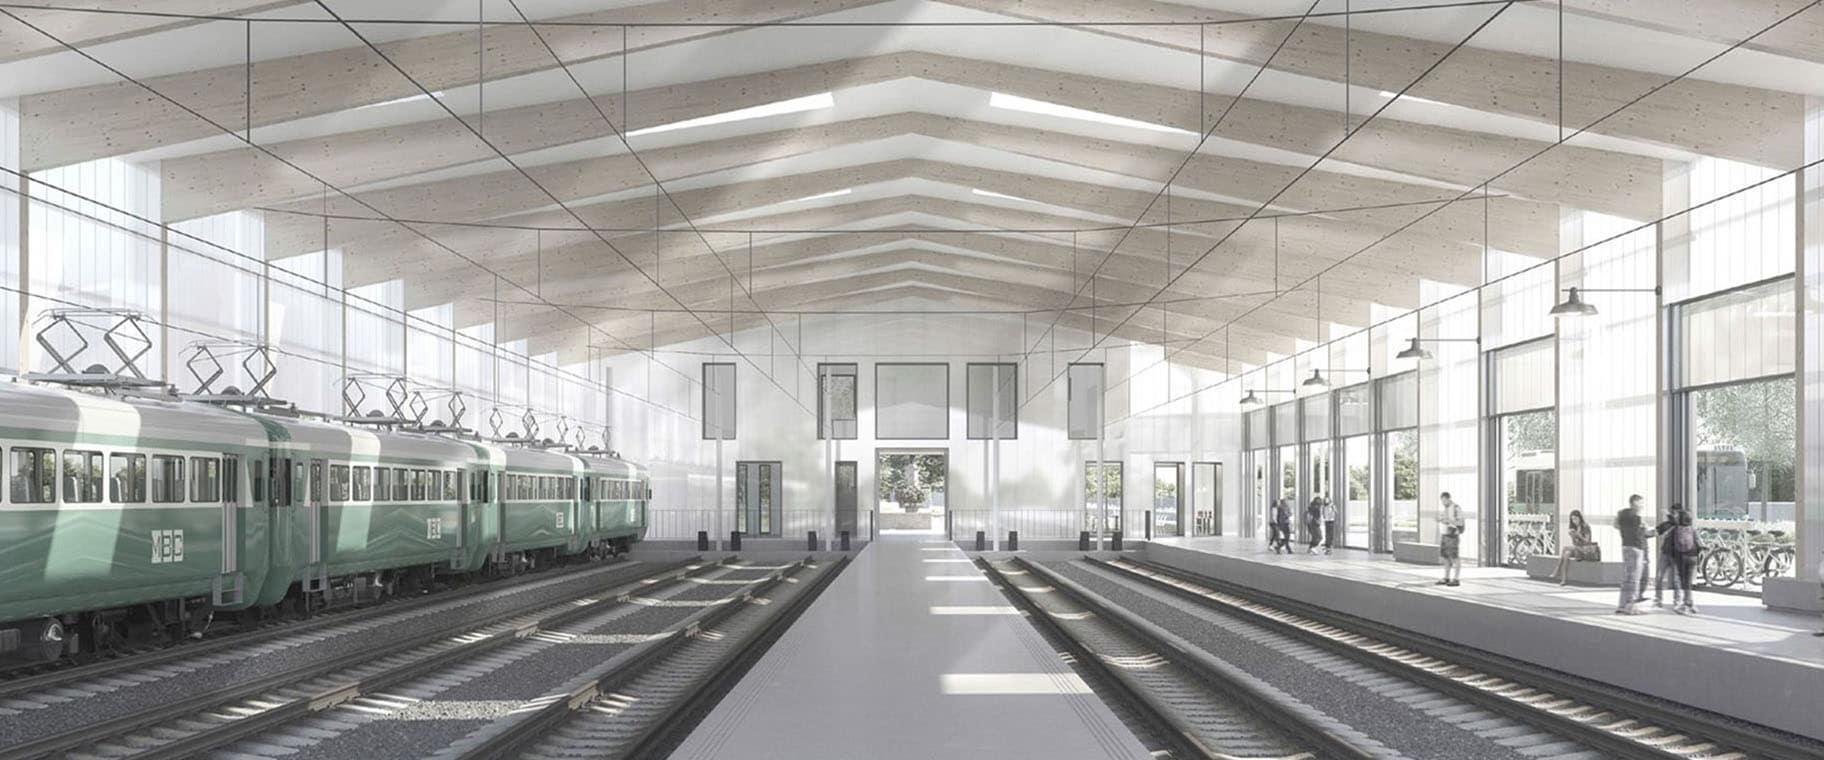 Perspective intérieur de la gare de Bière pour le mandat d'étude parallèle de son réaménagement par le bureau Strata Architectes et VIMADE Architectes paysagistes